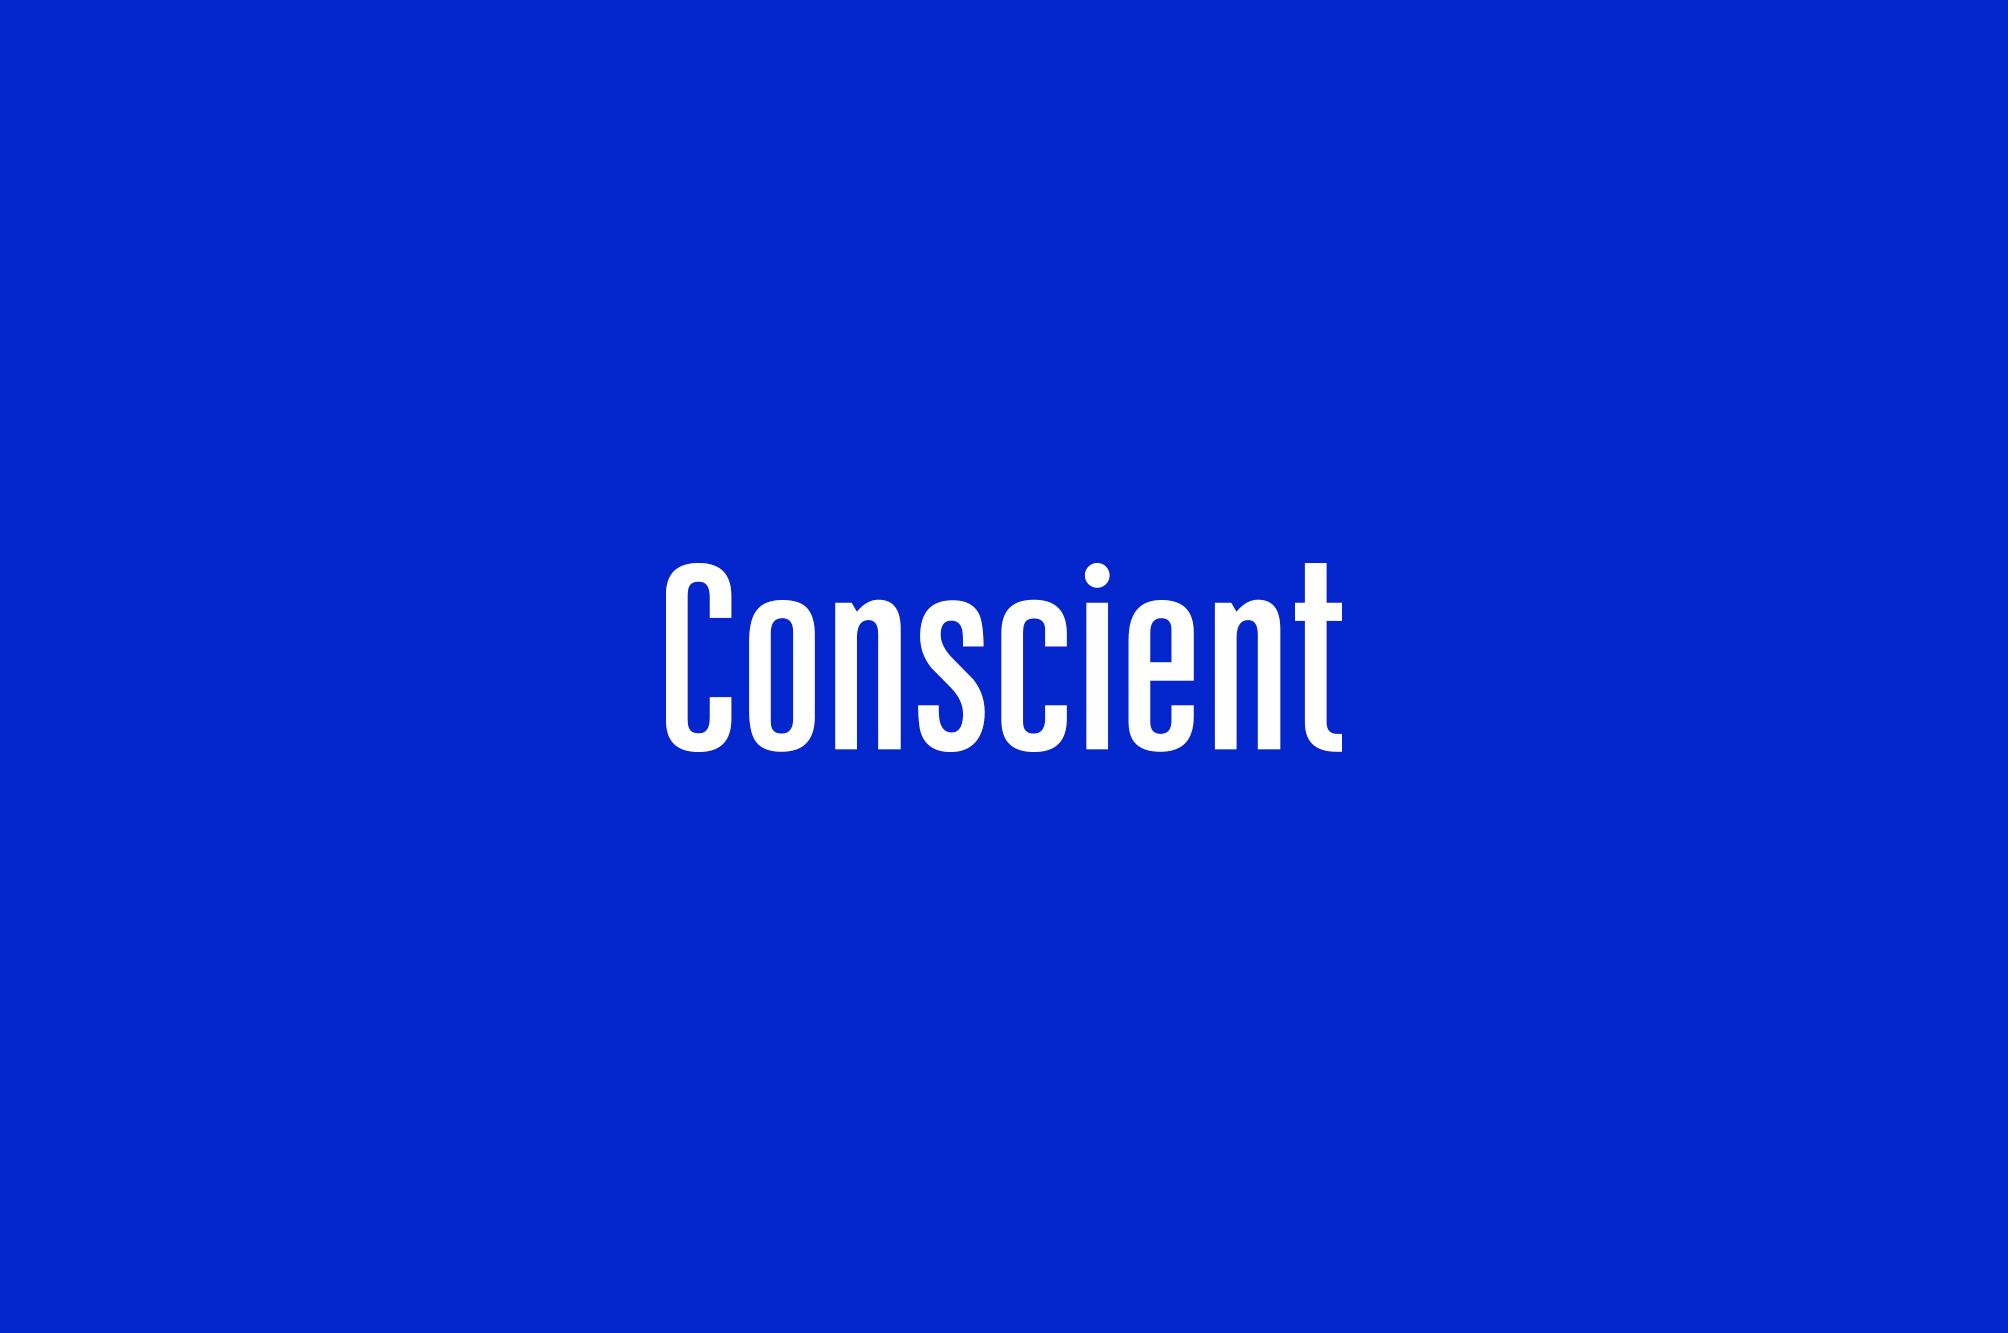 Conscient